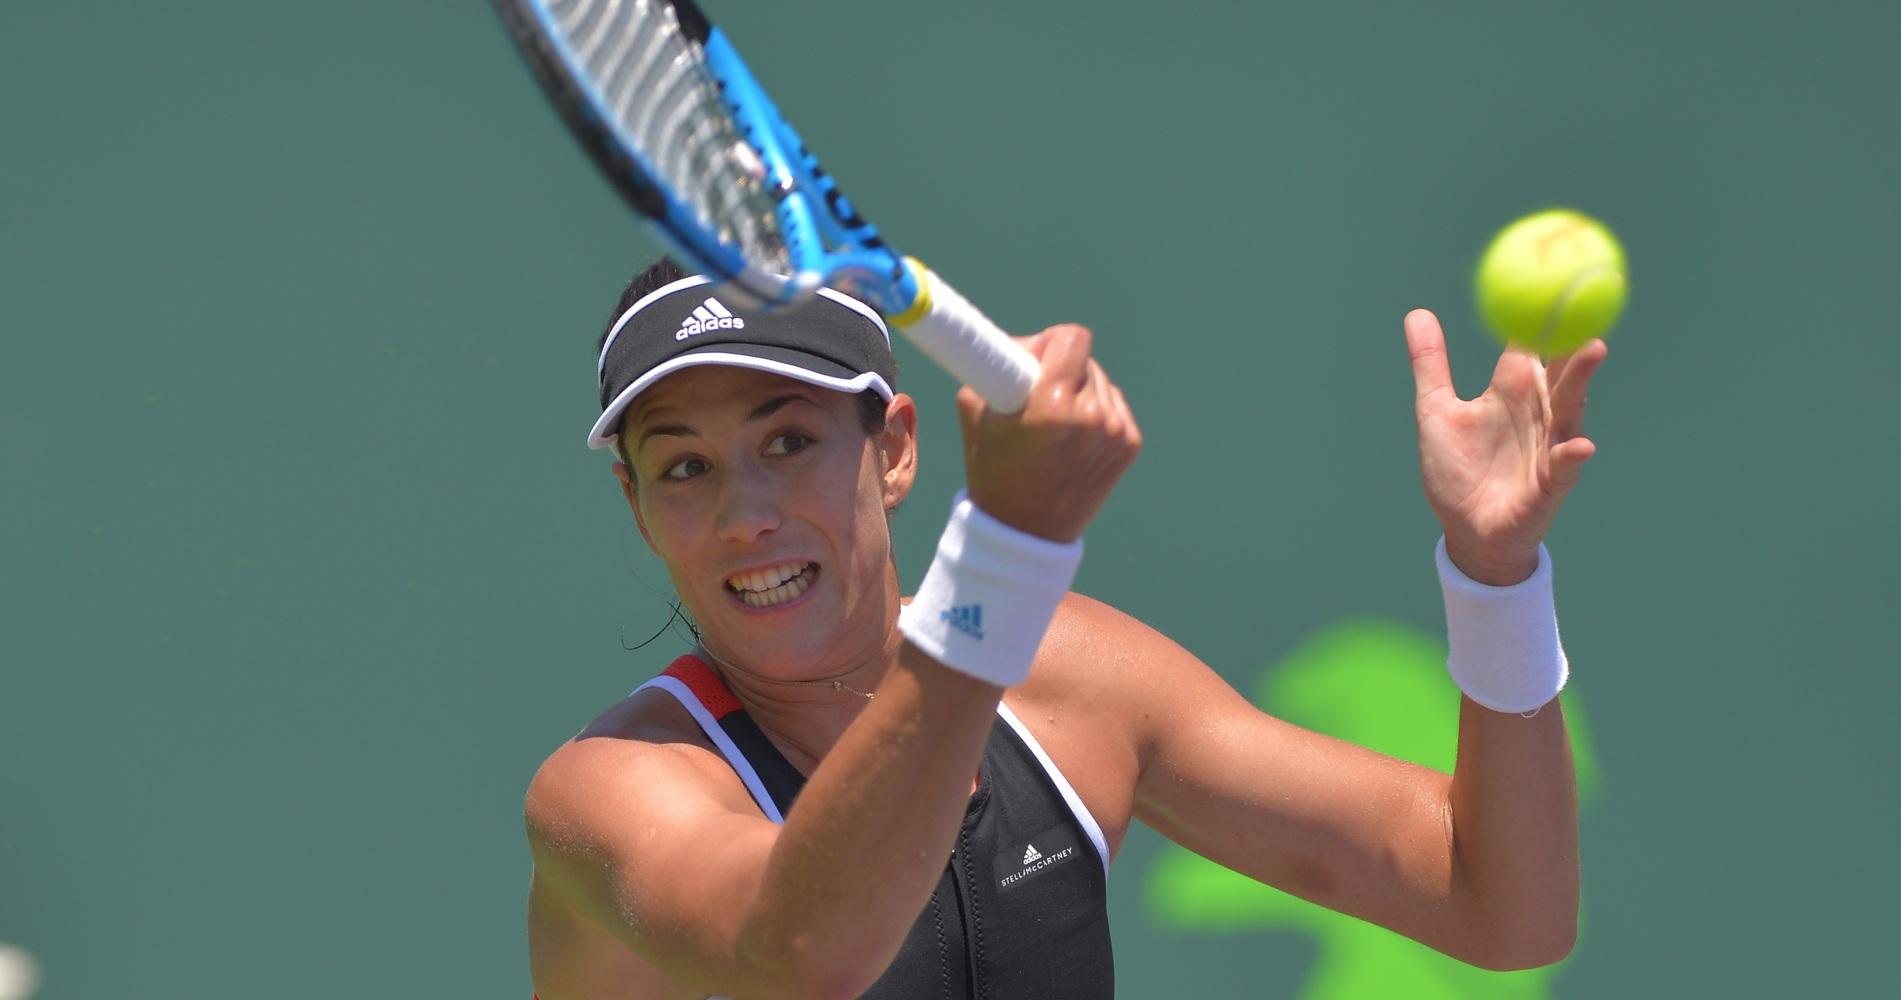 Garbine Muguruza at the Miami Open